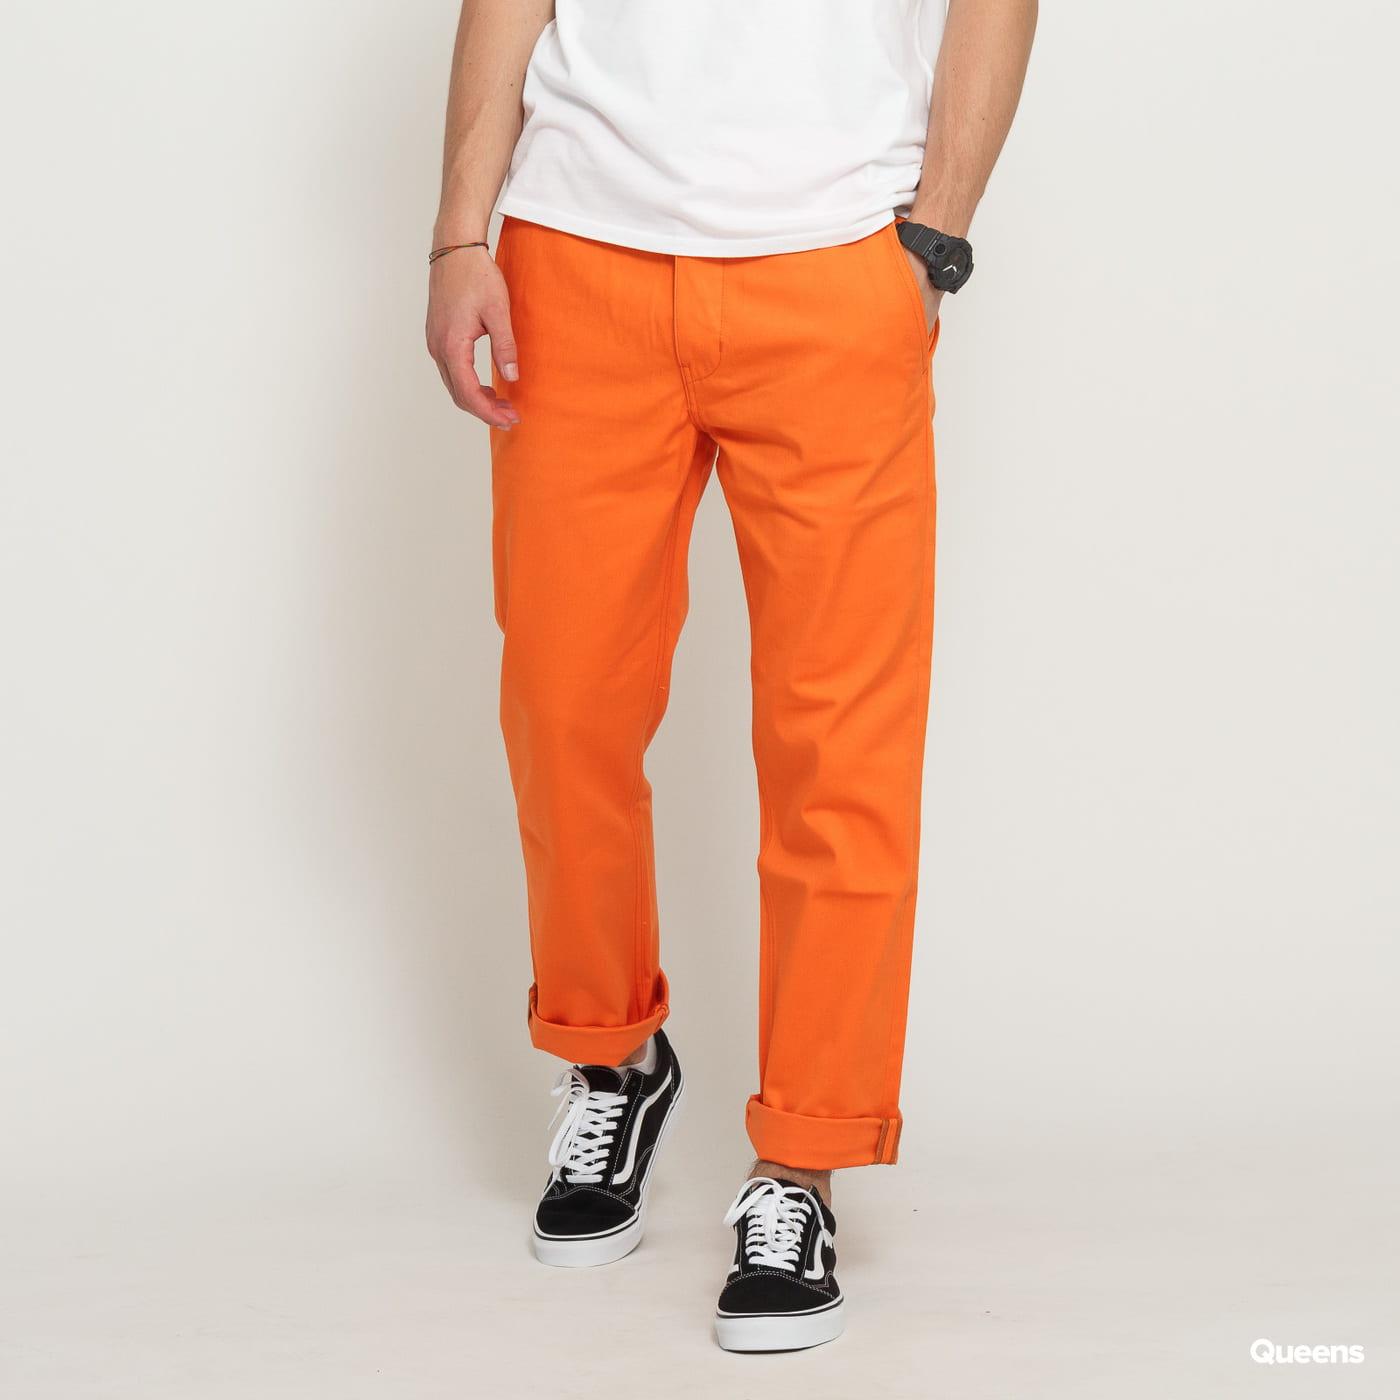 Levi's ® Skate Work Pant SE vibrant orange